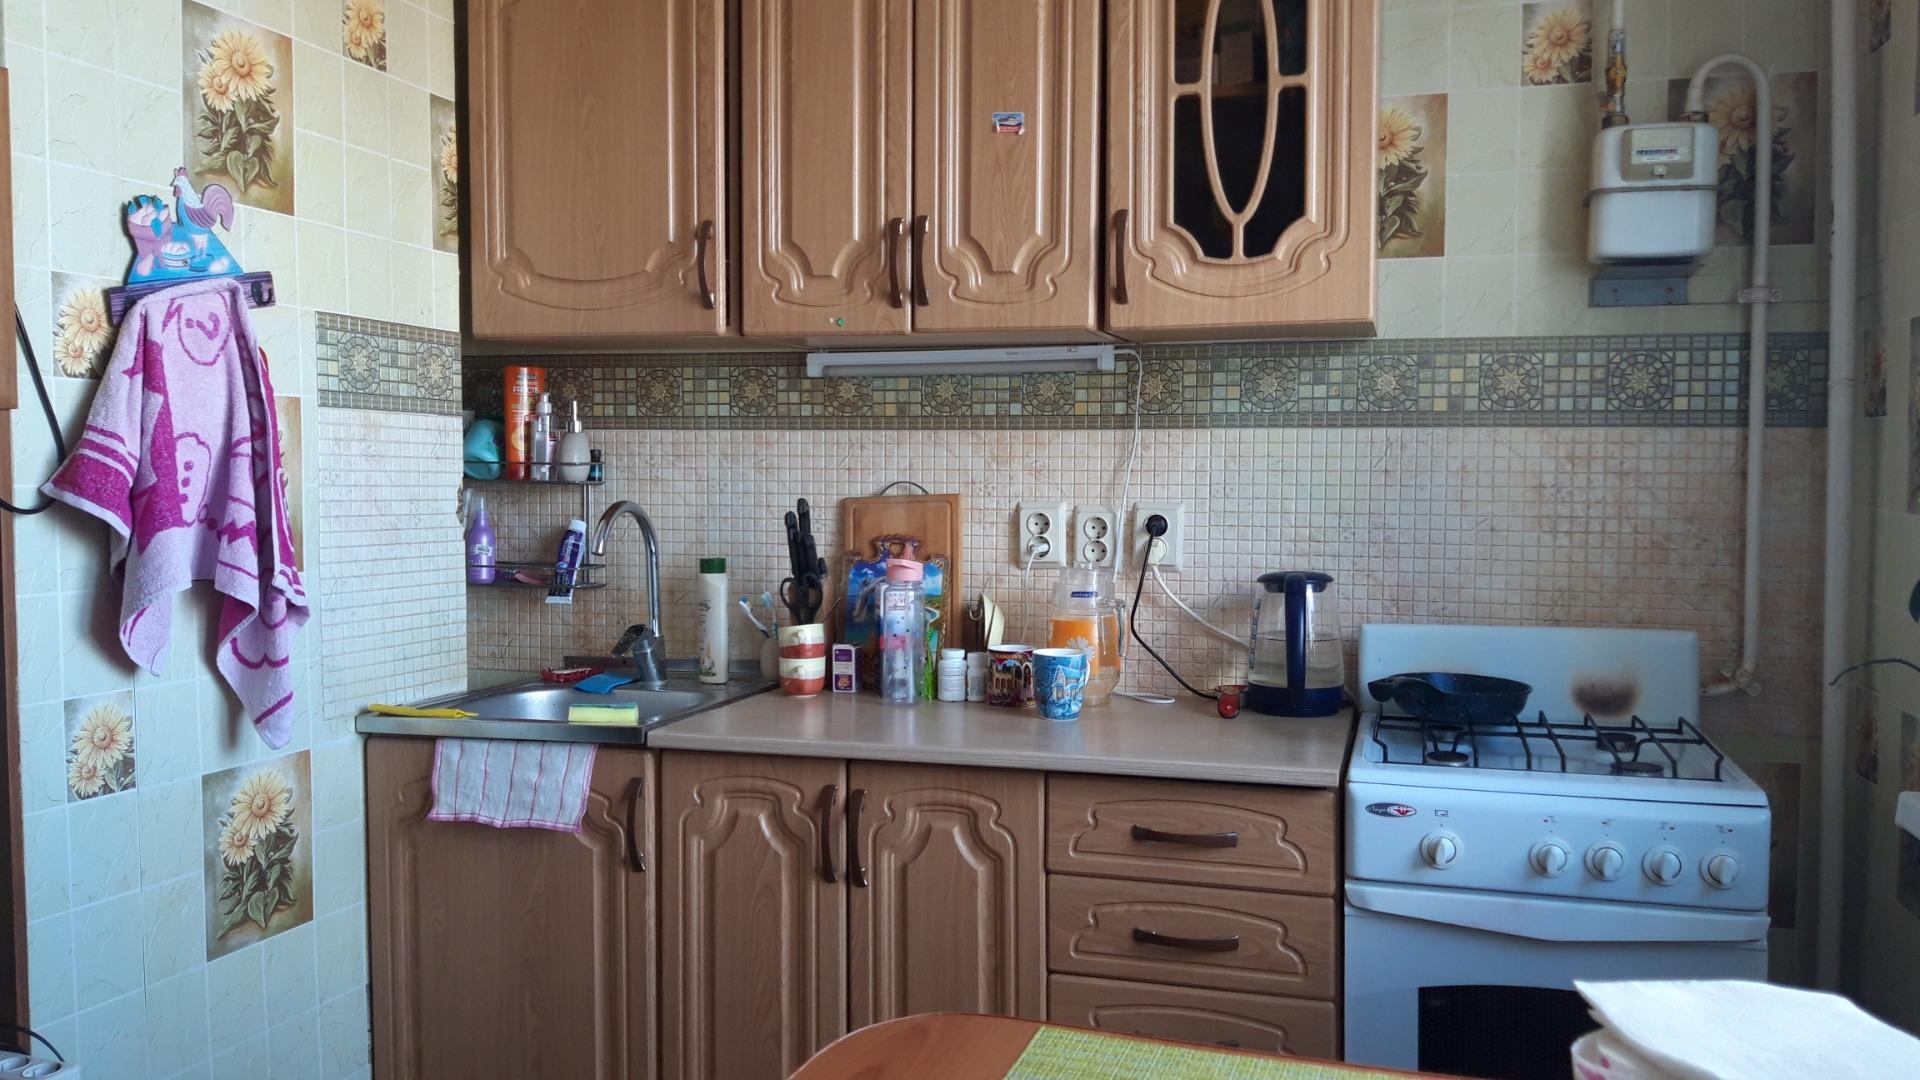 Продам 1-комнатную квартиру в городе Саратов, на улице Днепропетровская,  18 к 1, 9-этаж 10-этажного панельный дома, площадь: 40/19/8 м2